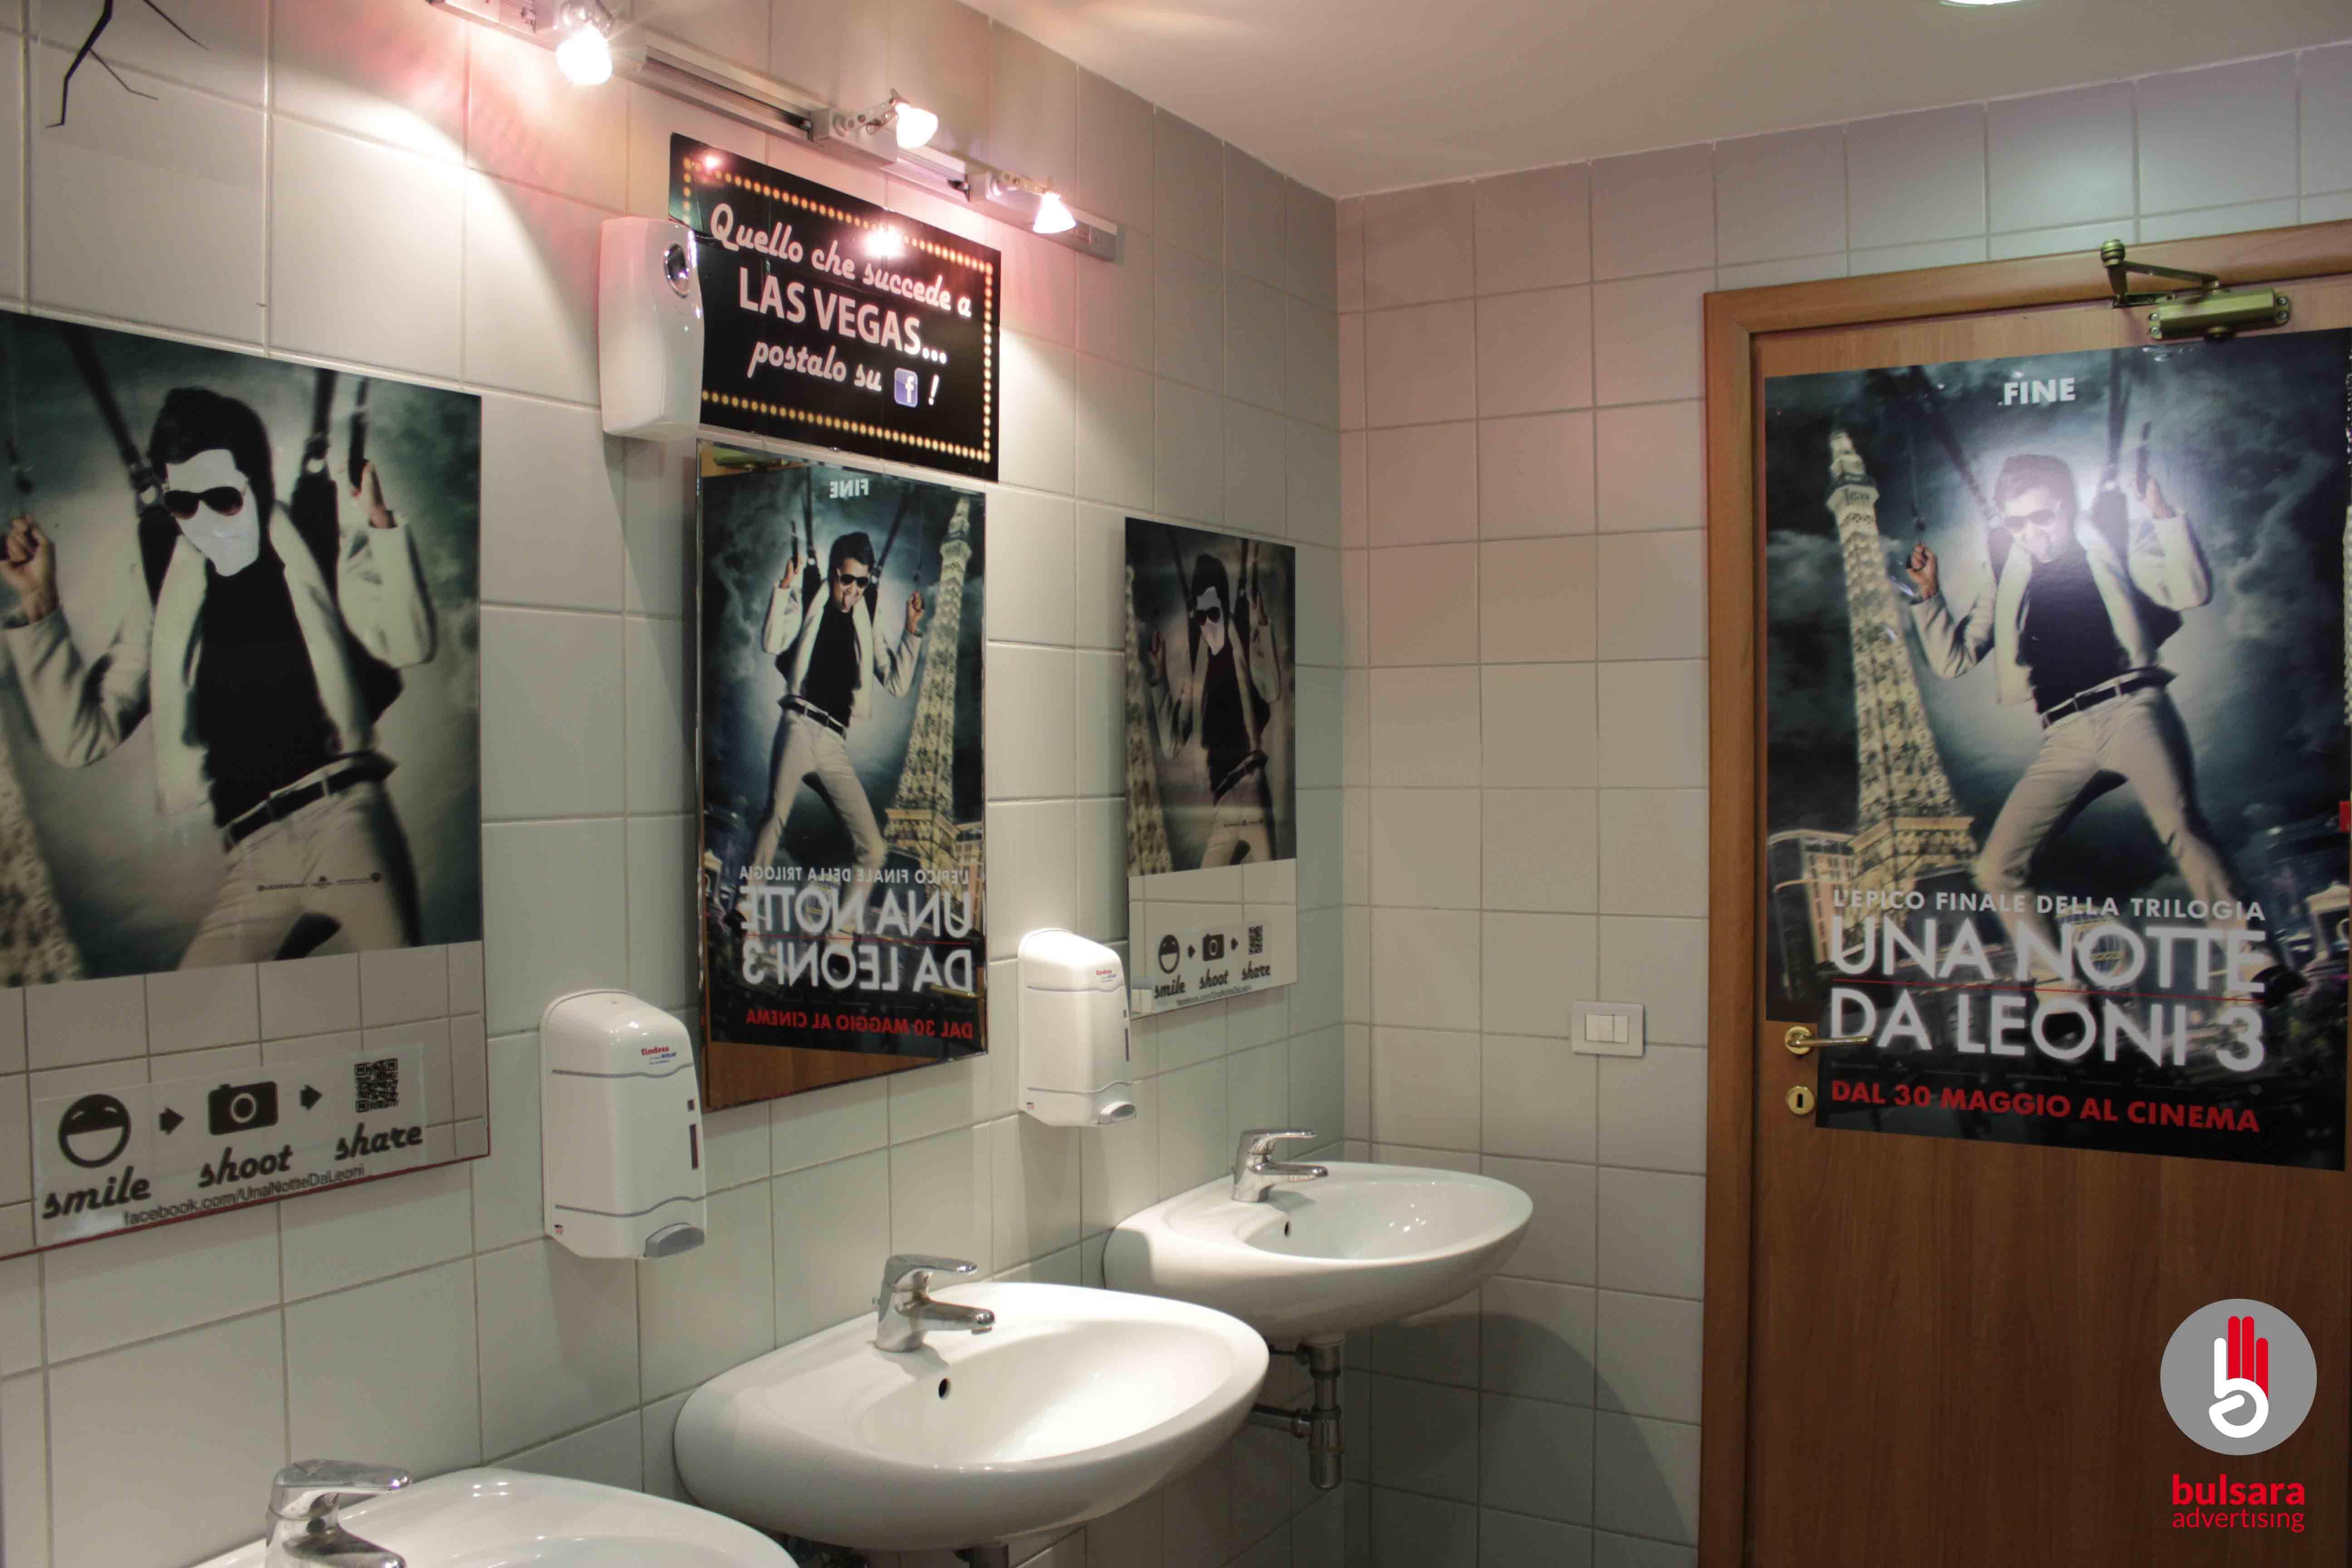 Mirror Door Toilet Advertising Film Con Immagini Las Vegas